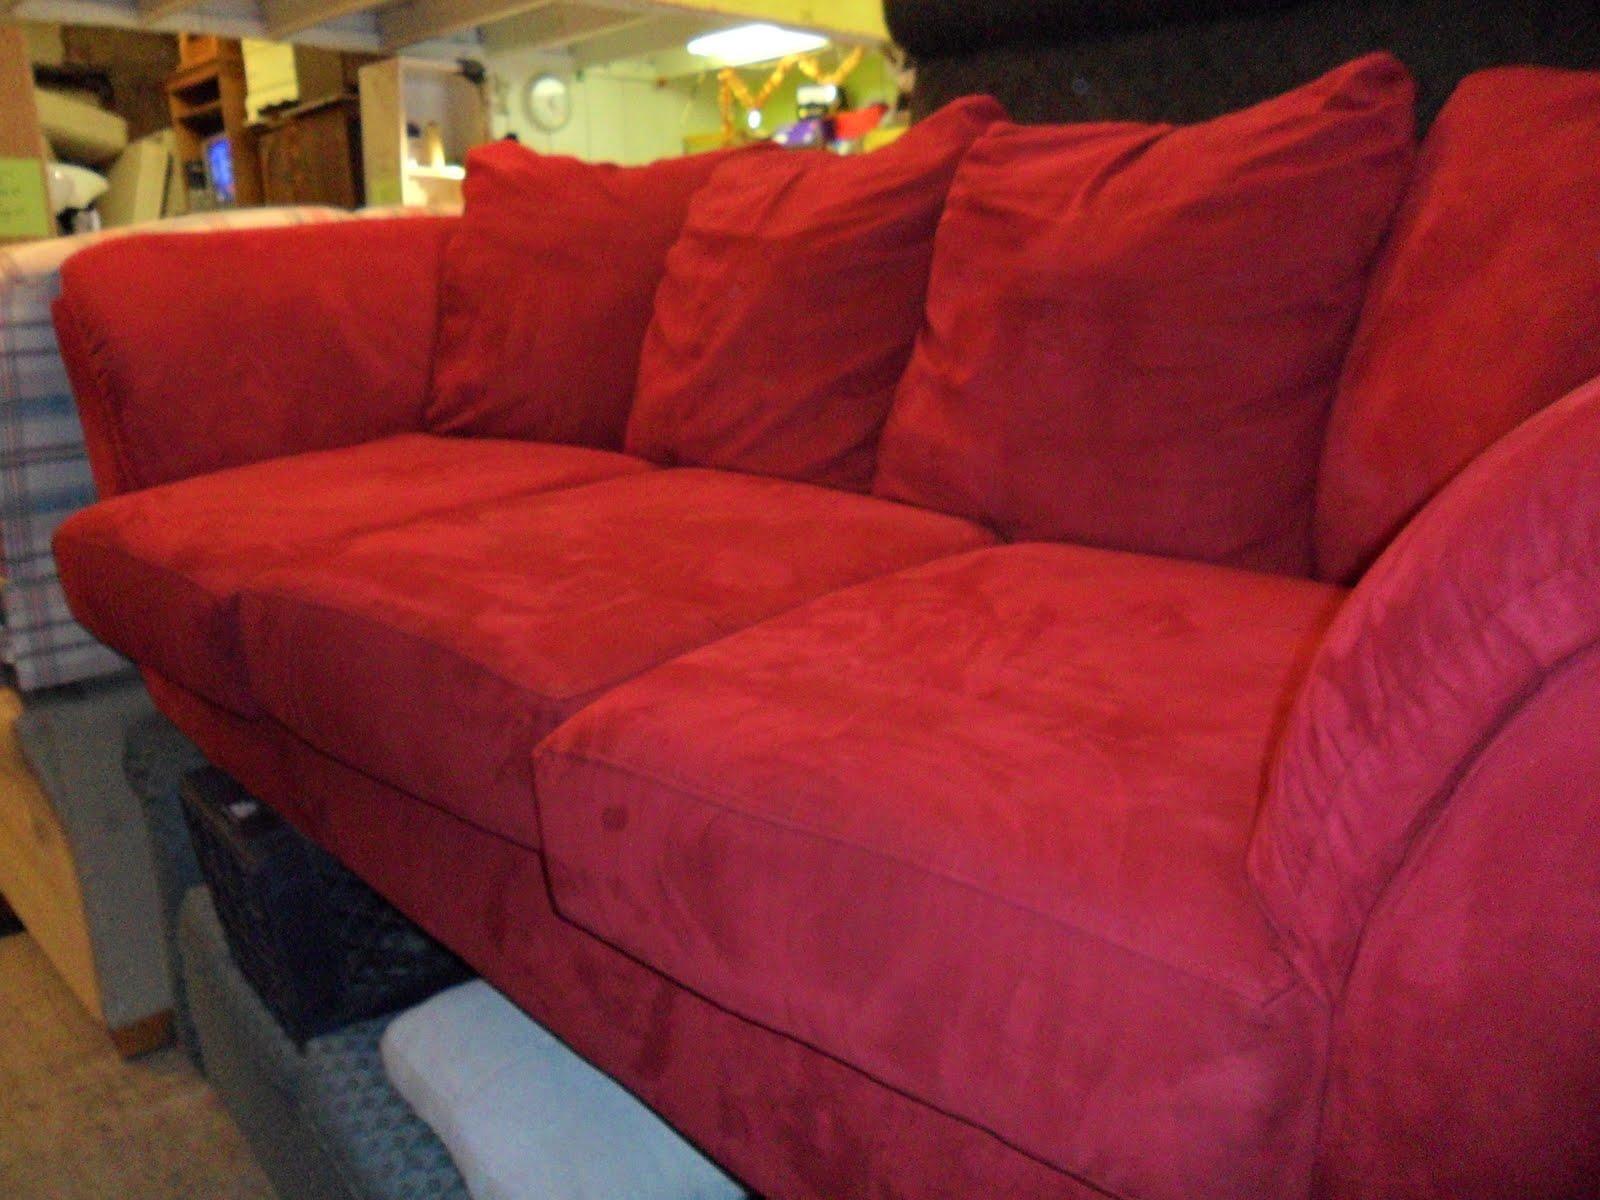 Red Microfiber Sofa Sofa Trendz B Red Microfiber And